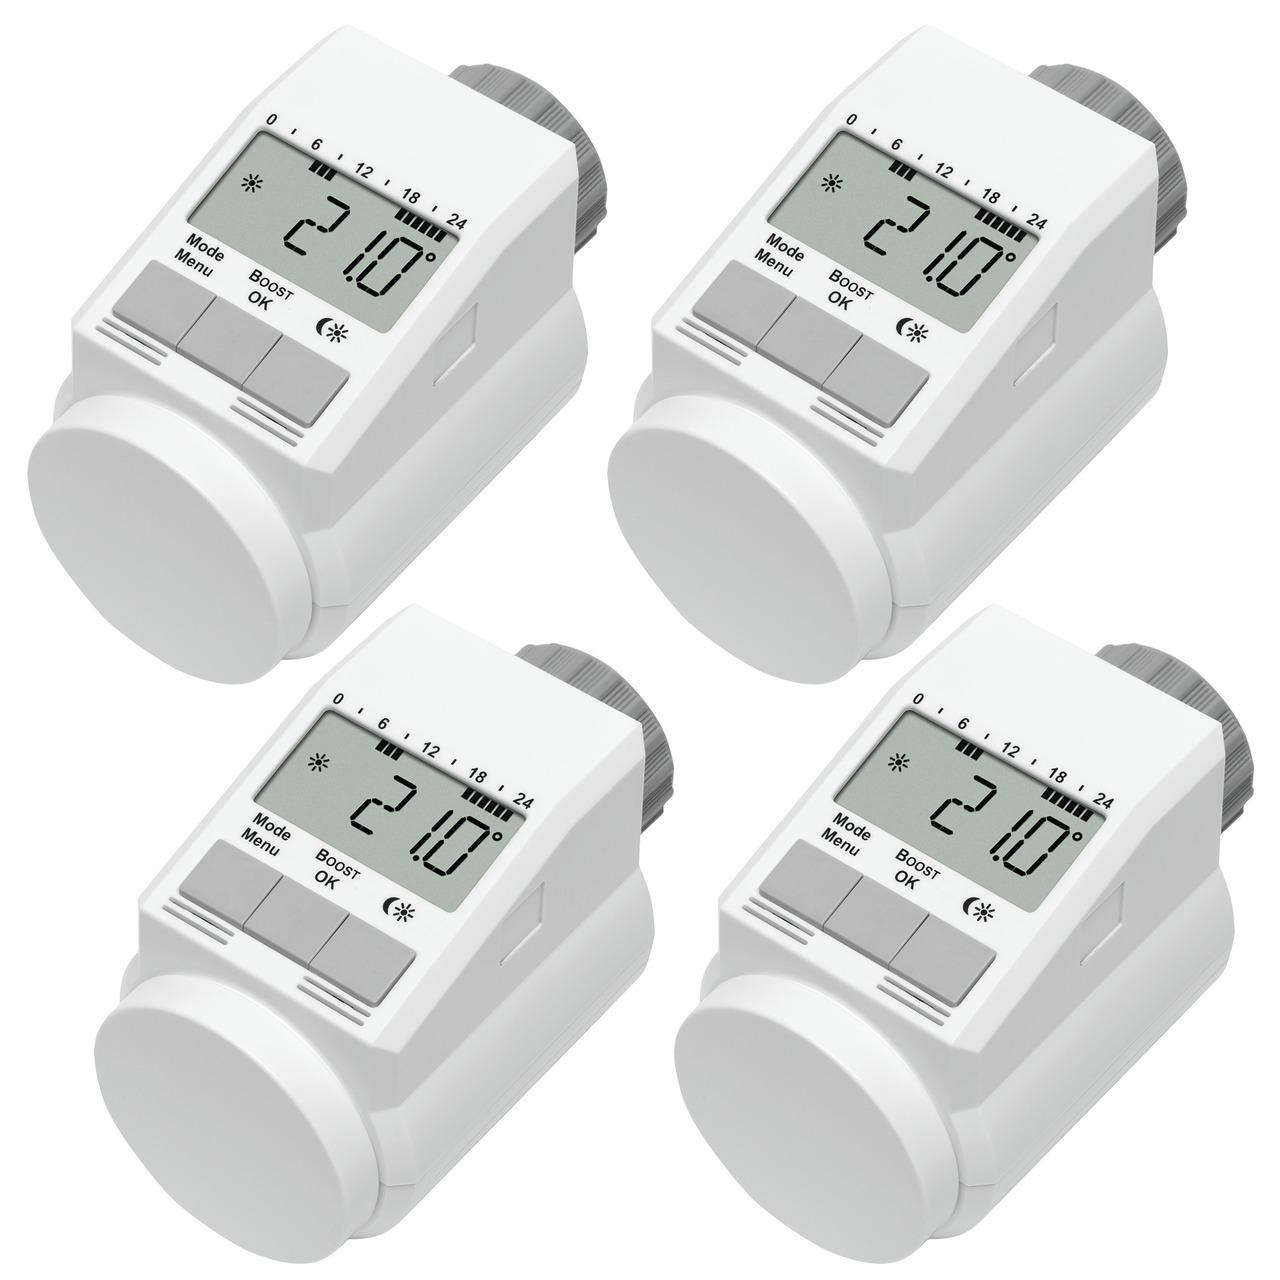 Eqiva Model L Elektronik-Heizkörper-Thermostat mit Boost-Funktion- 4er-Set